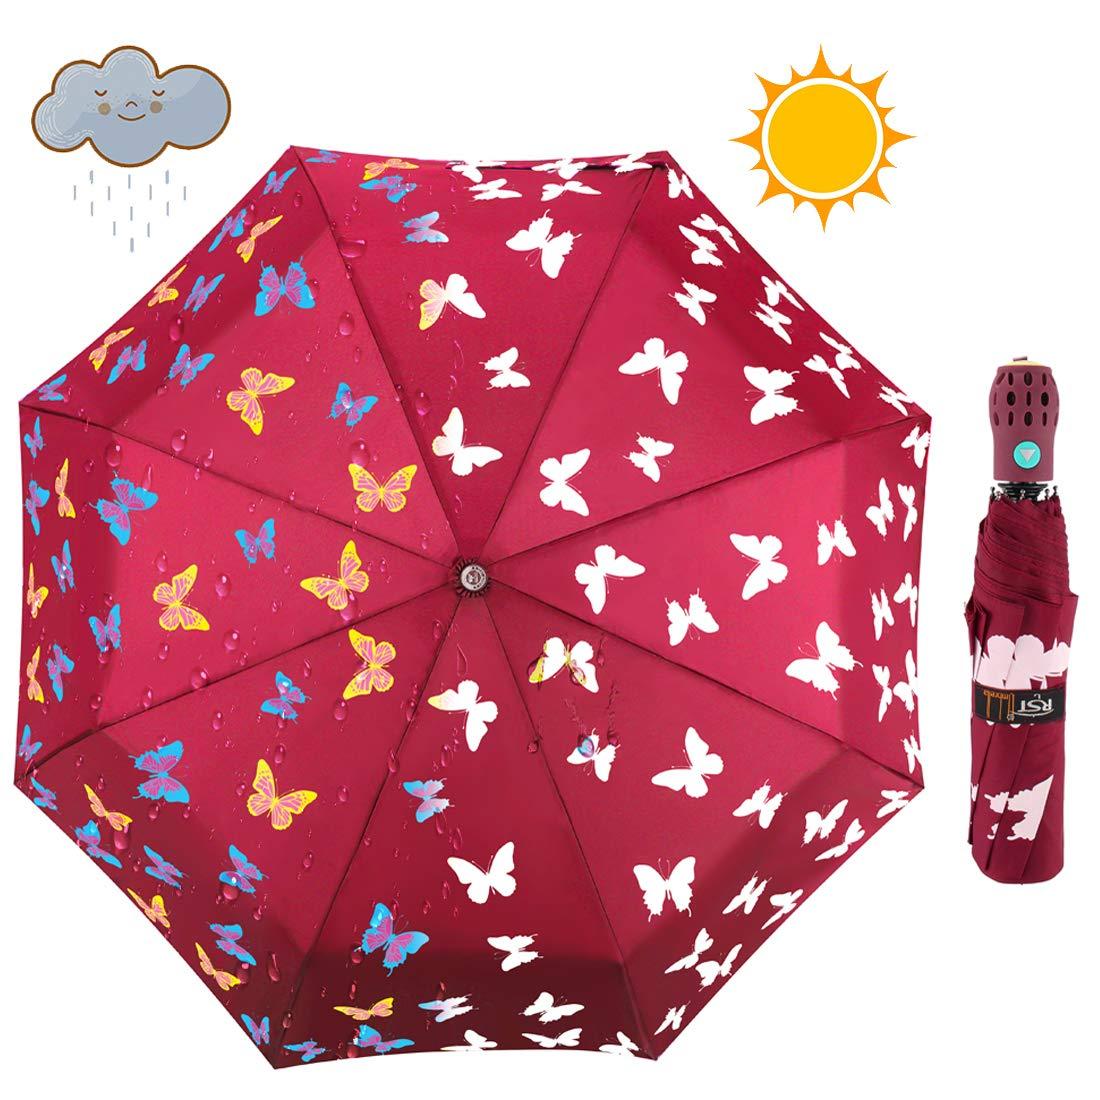 iMucci Butterfly Sun Block Compact Umbrella - Changing Color UV 40+ Travel Umbrella Auto Open